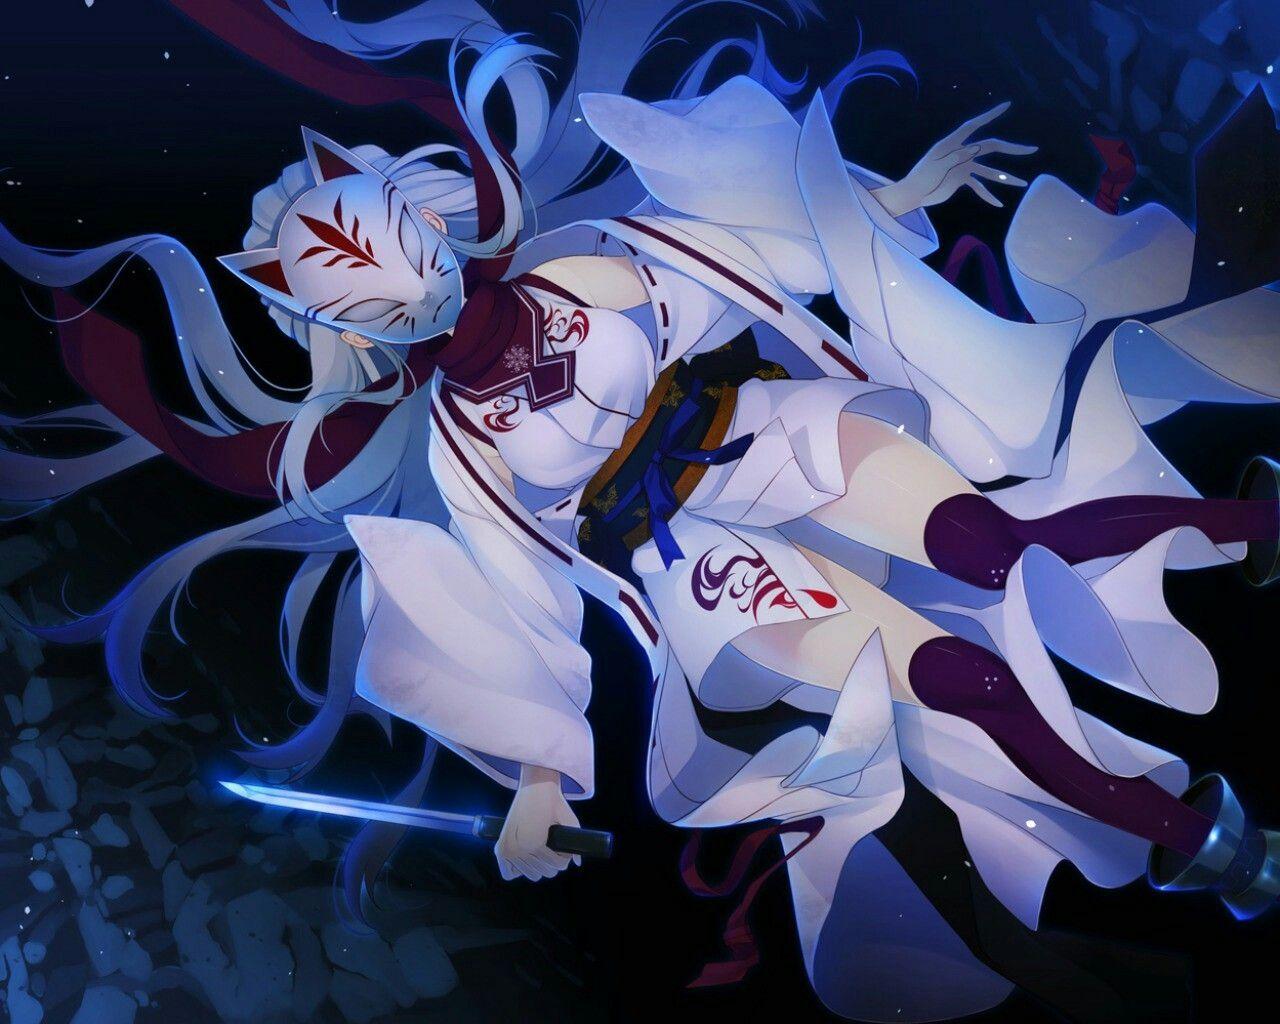 Pin By Anime Girls On Anime Anime Kimono Anime Ninja Anime